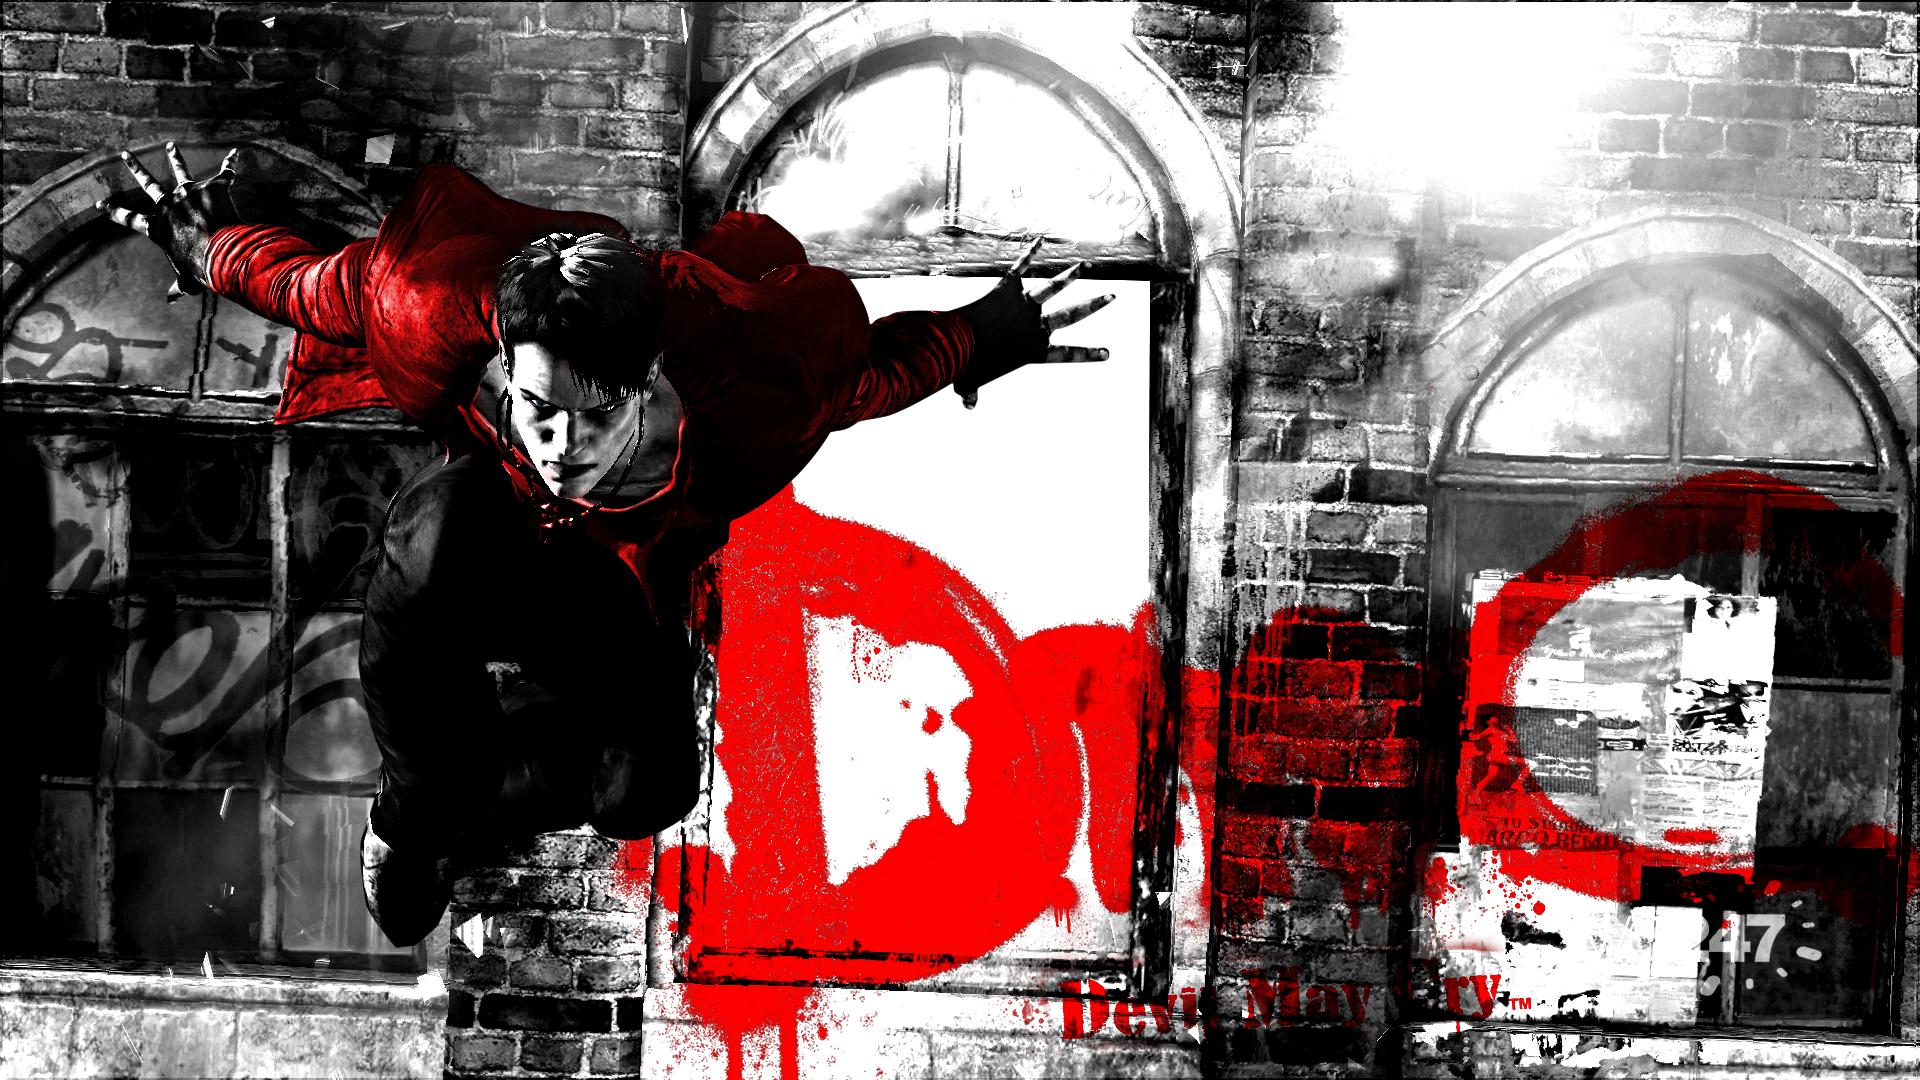 DmC-Devil May Cry  № 1717562 без смс